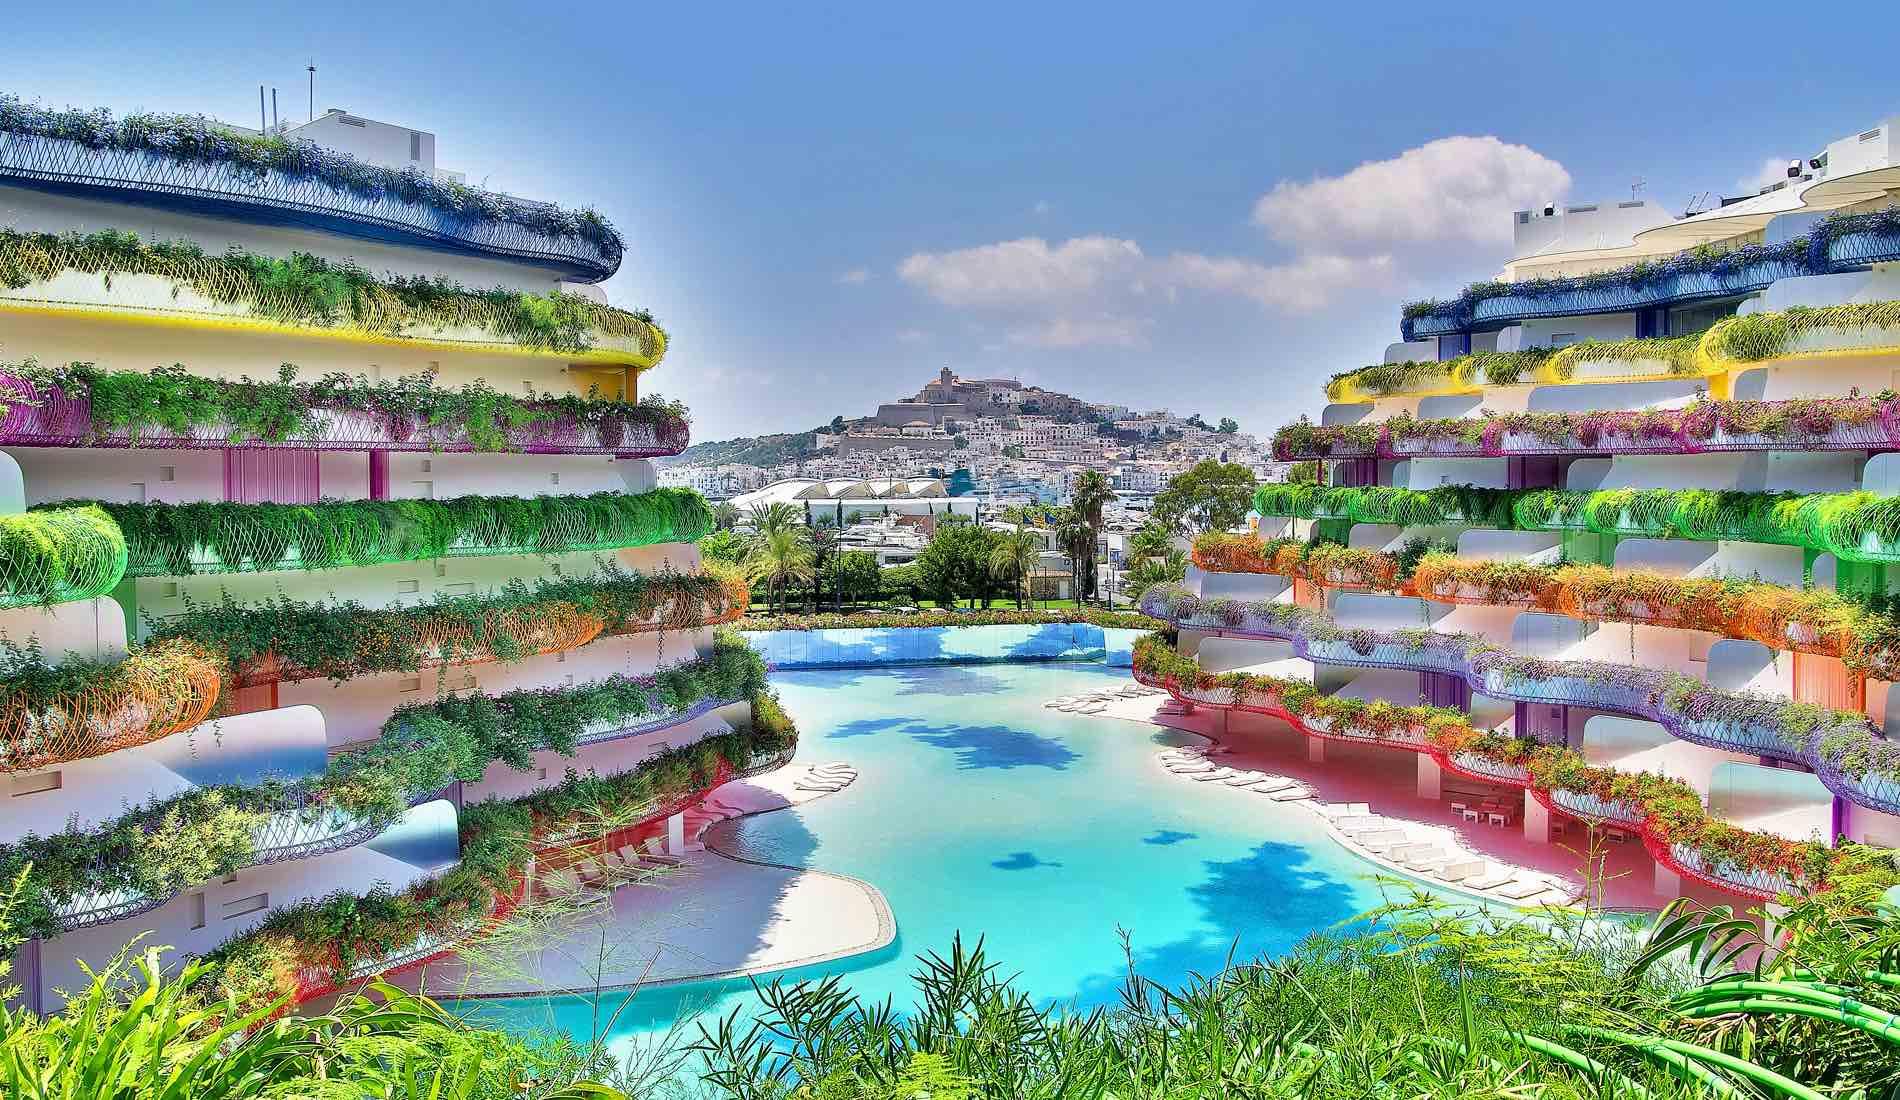 """10h : Réveil coloré à Las Boas  Situé au coeur de la ville d'Ibiza, ce bâtiment aux couleurs éclatantes fut imaginé par l'architecte Jean Nouvel et le spécialiste des murs végétaux Patrick Blanc. Conçu comme une île à part entière, chaque appartement au nom de calanque ou de végétal borde la piscine bleu lagon et peut-être réservé pour de courts séjours. Petite préférence pour l'appartement """"Solanum"""" qui dévoile une vue splendide sur l'île de Formentera.  www.boasdeibiza.com"""